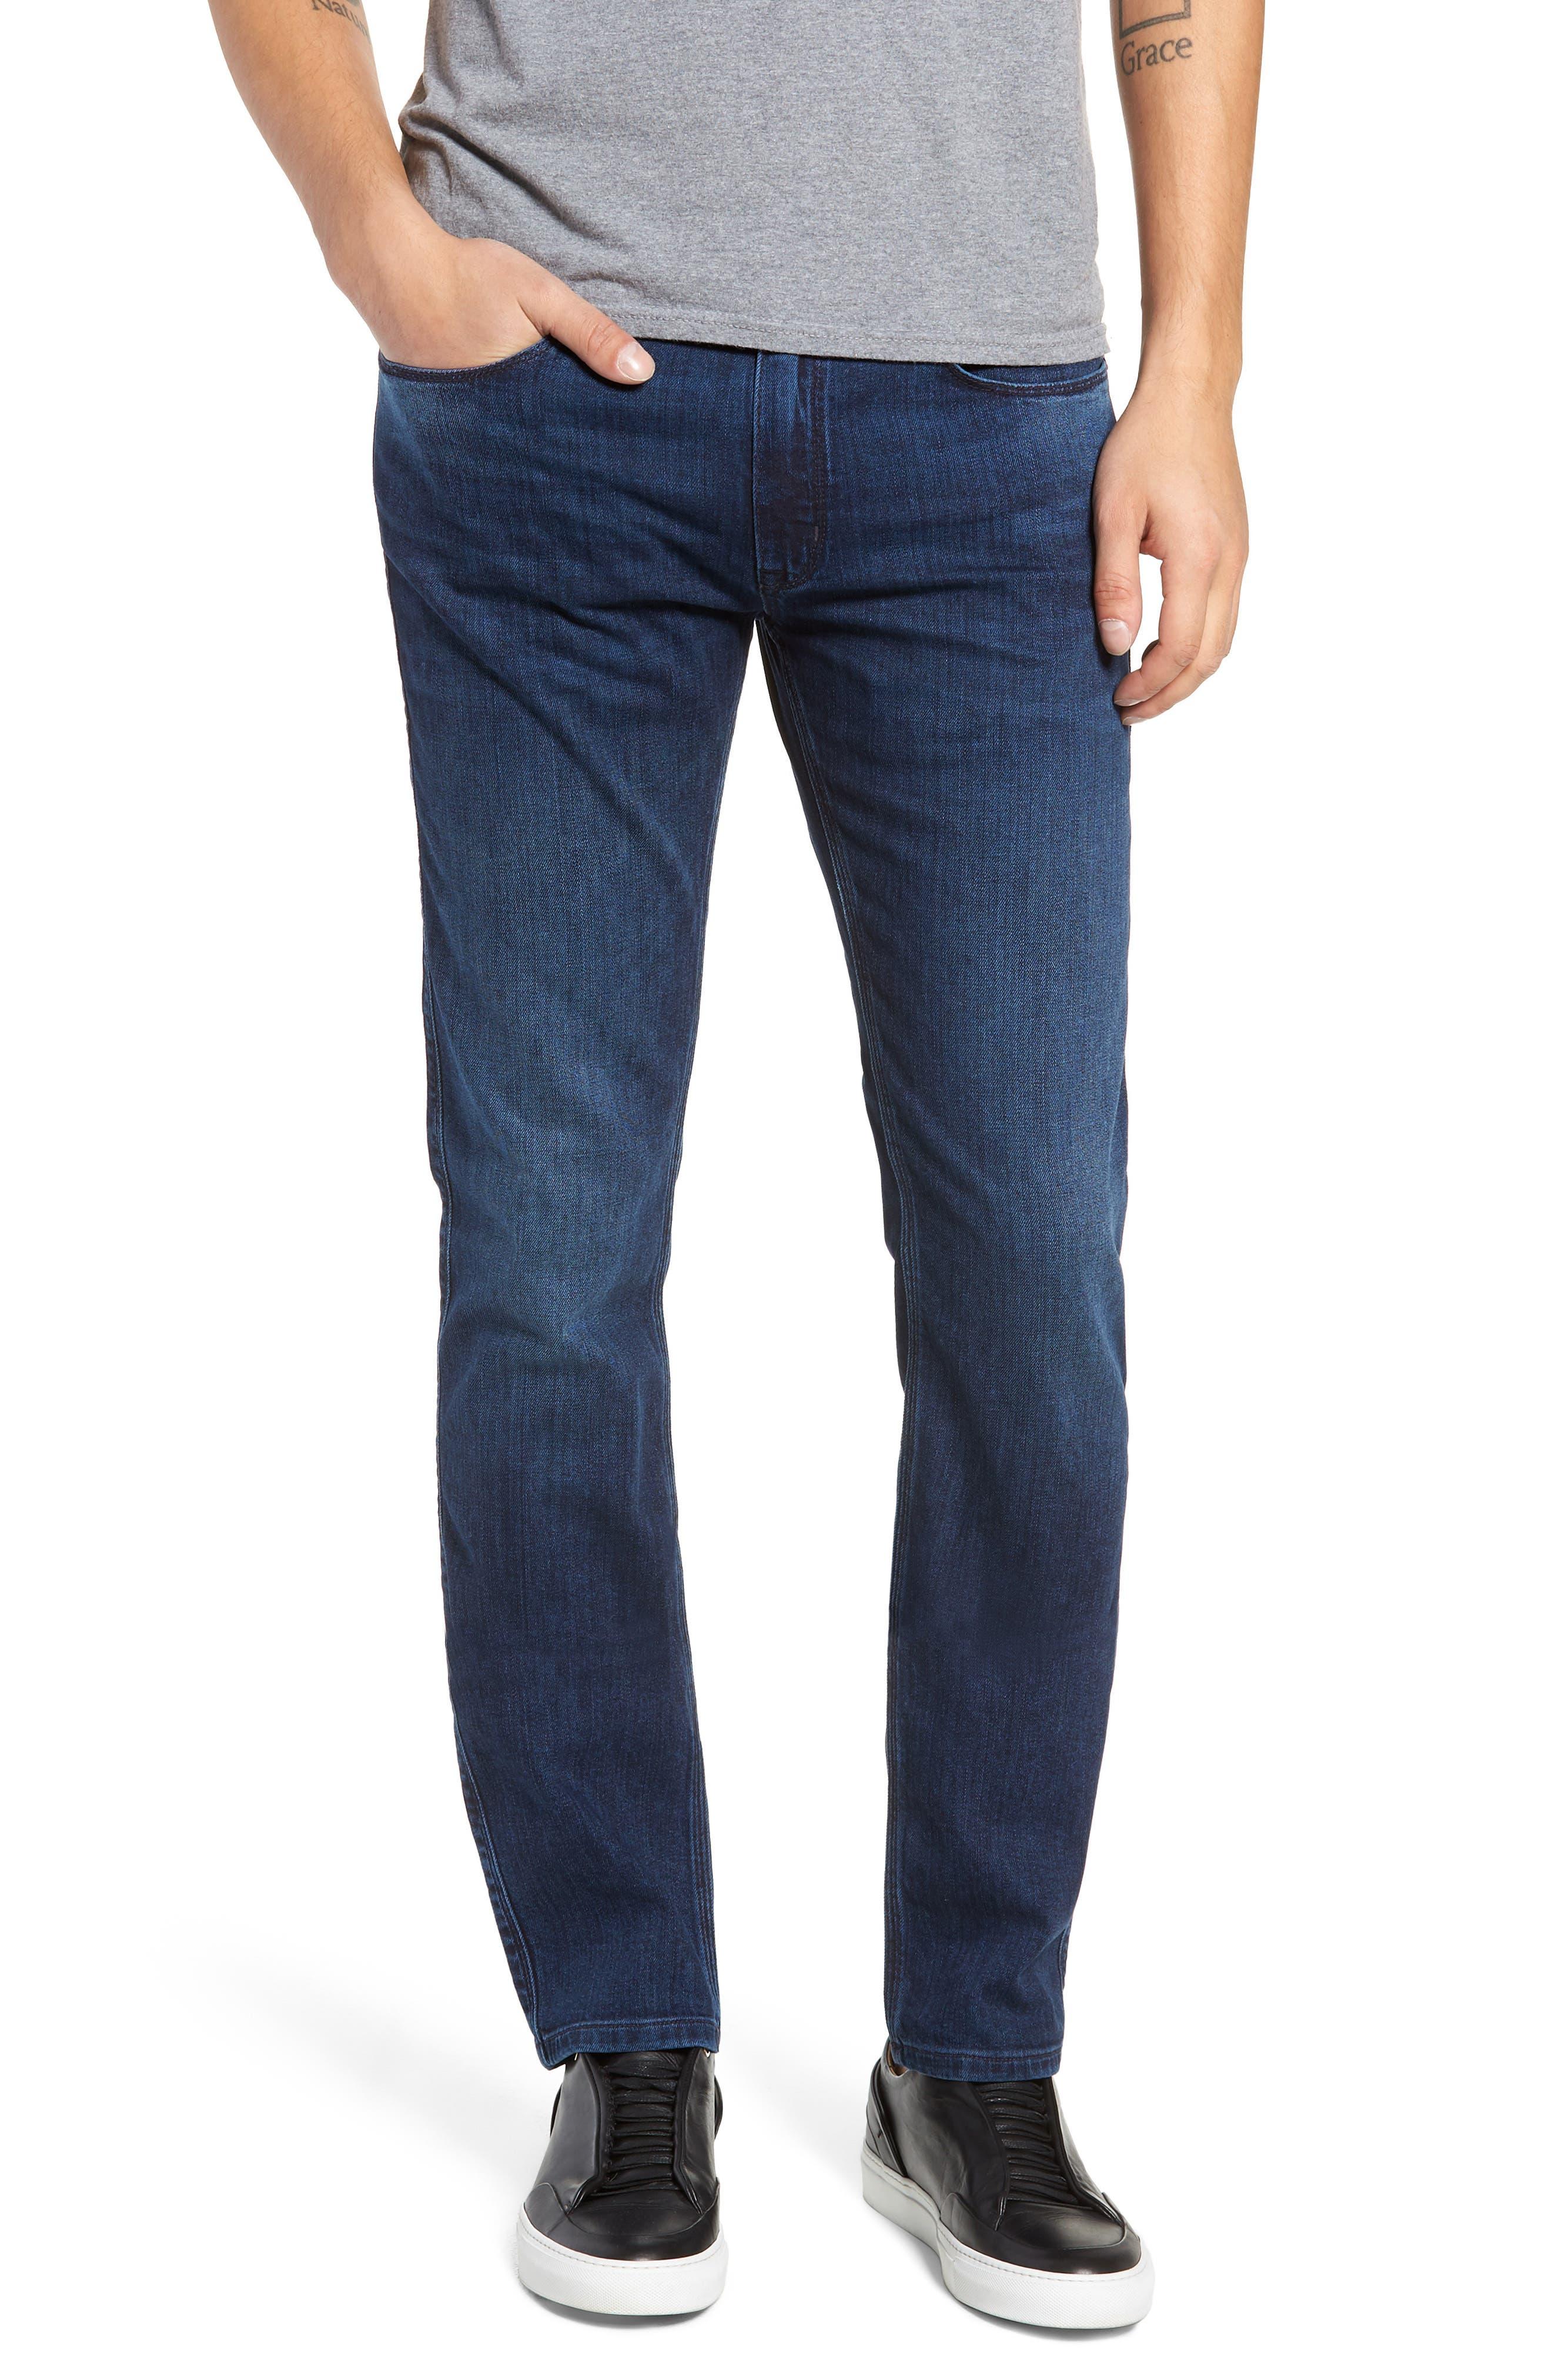 708 Stretch Slim Fit Jeans,                             Main thumbnail 1, color,                             BLUE